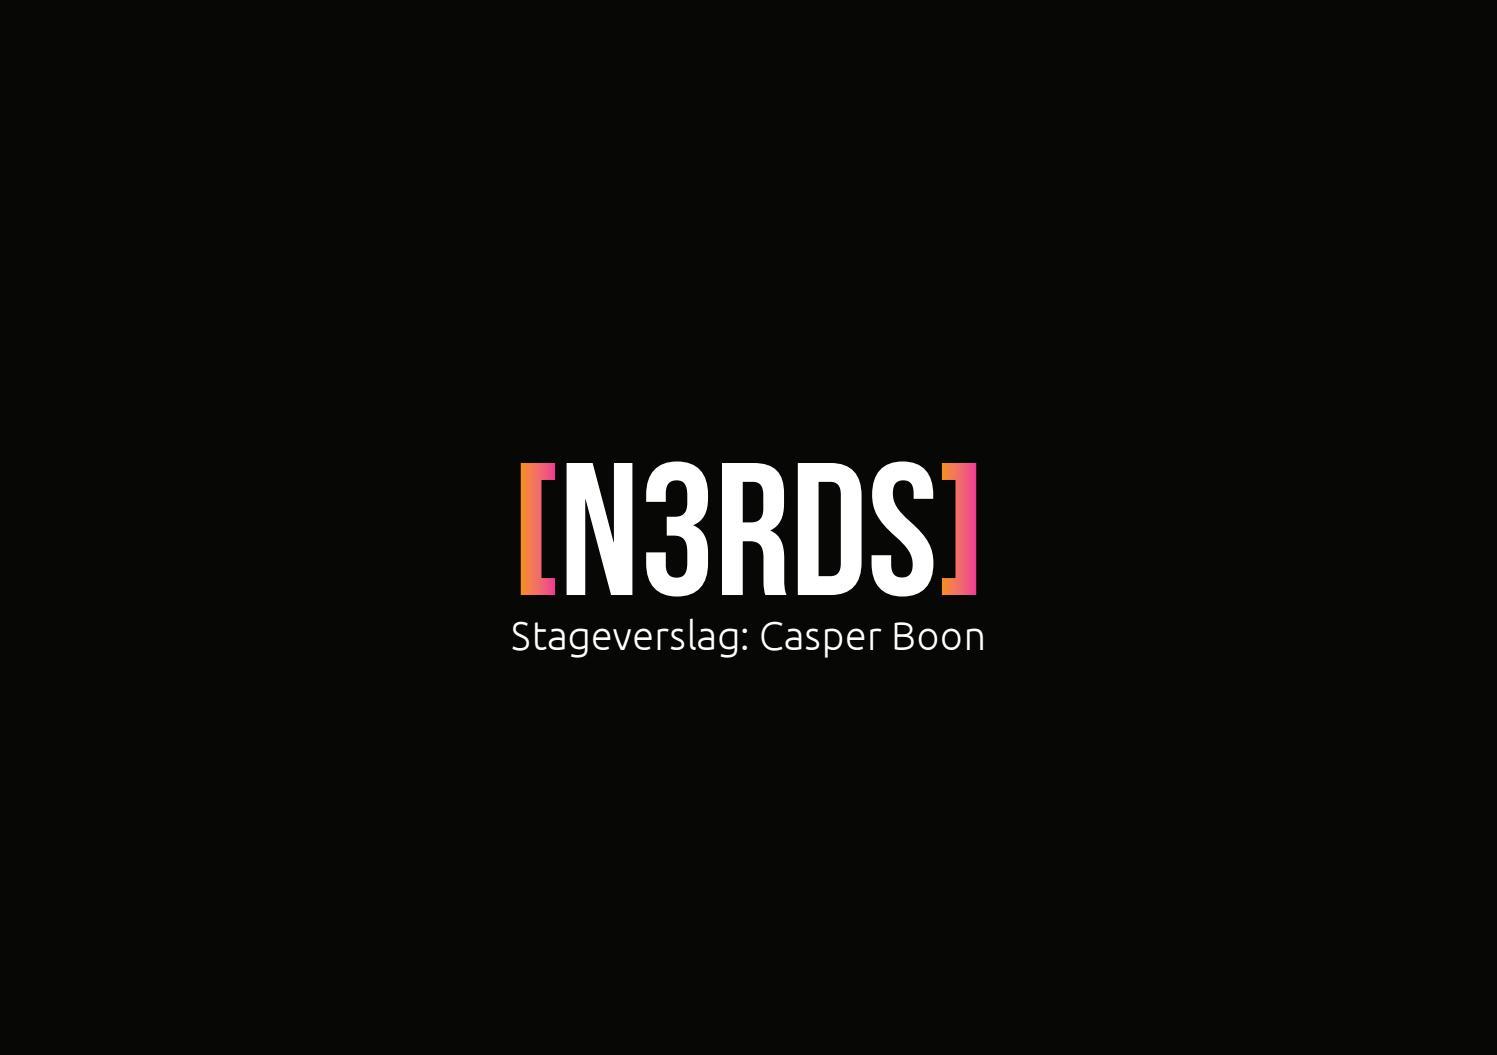 Stageverslag Leerjaar 2 by Casper Boon   issuu